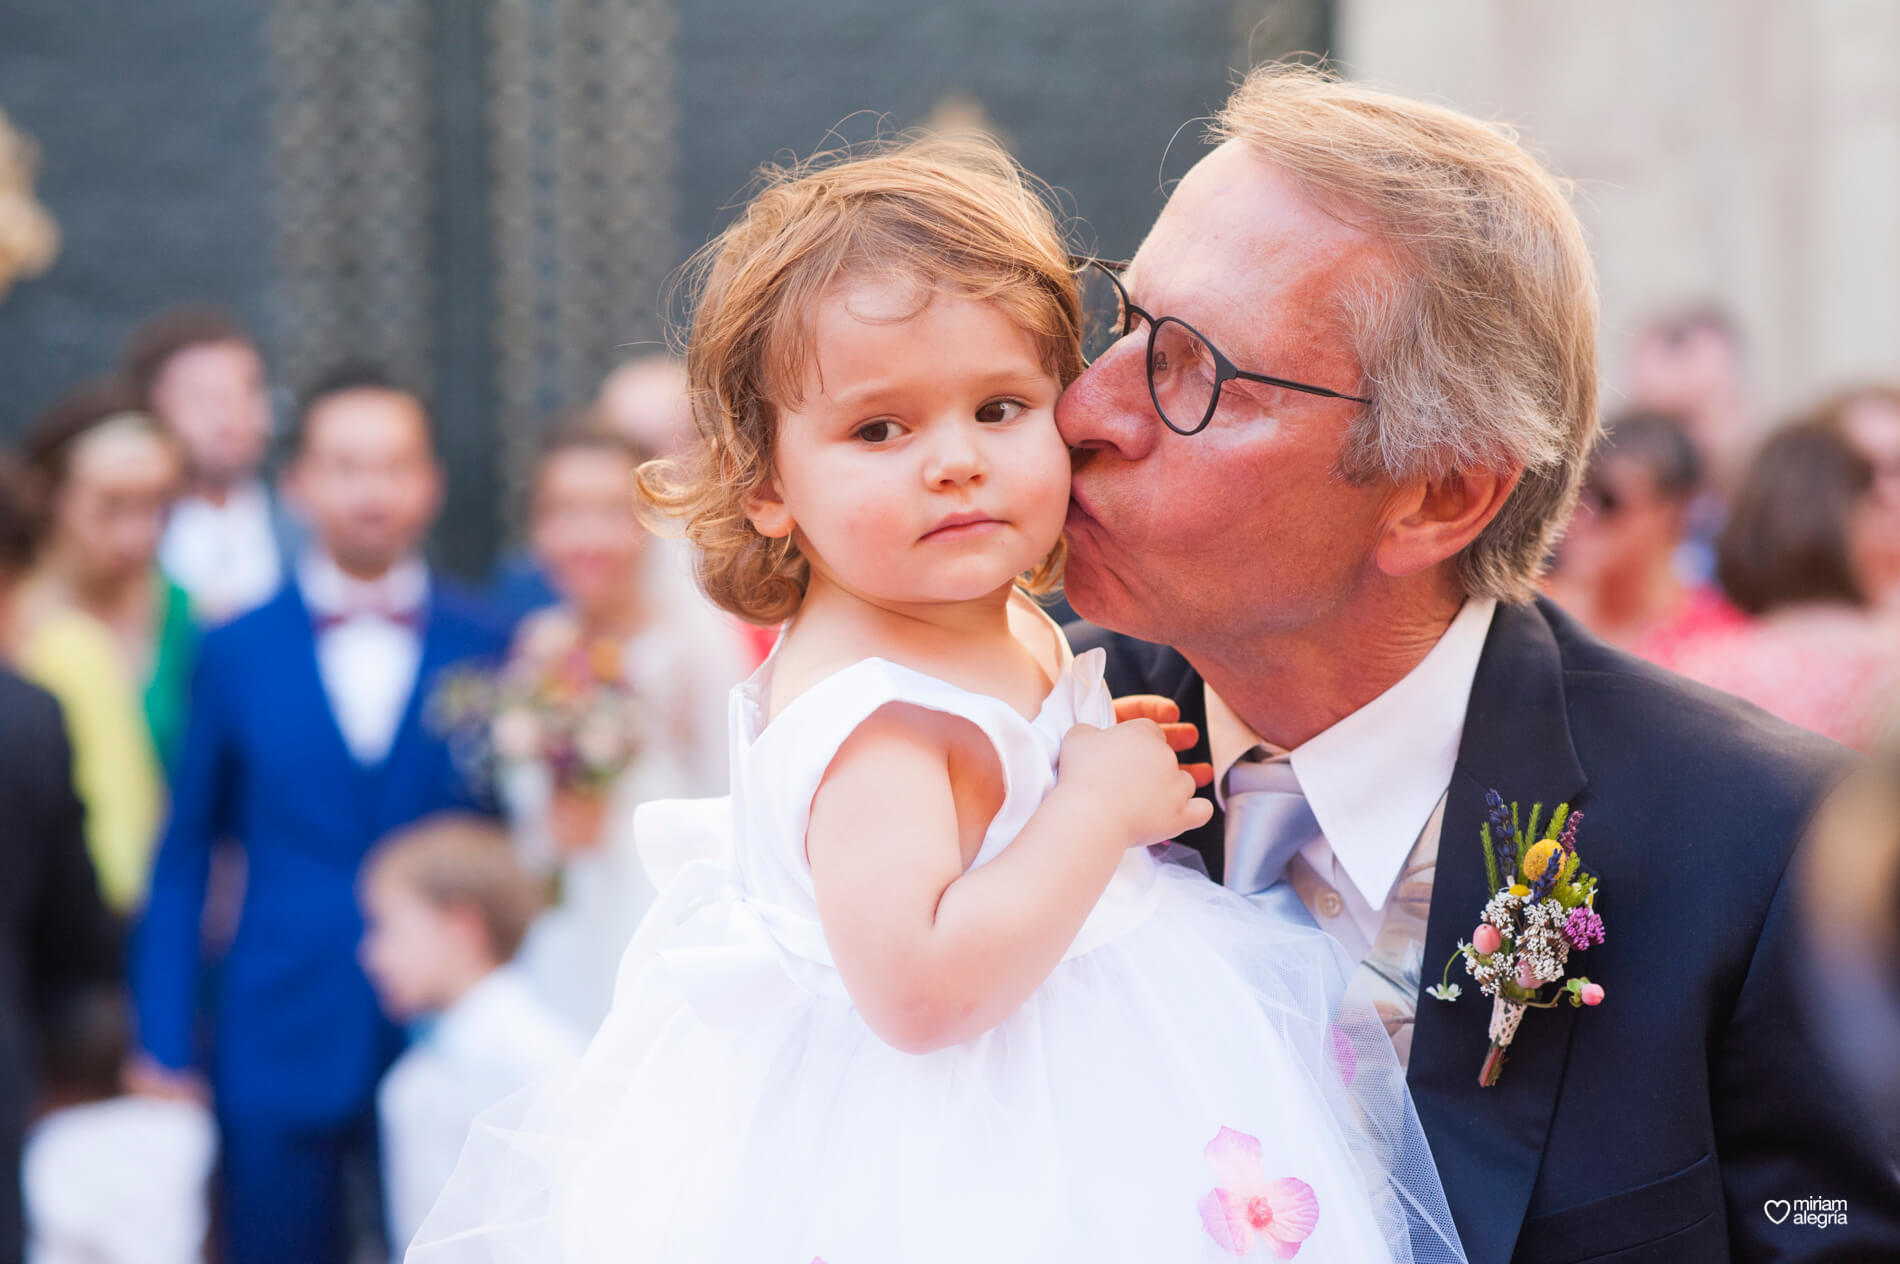 wedding-huerto-del-cura-elche-miriam-alegria-fotografos-boda-247